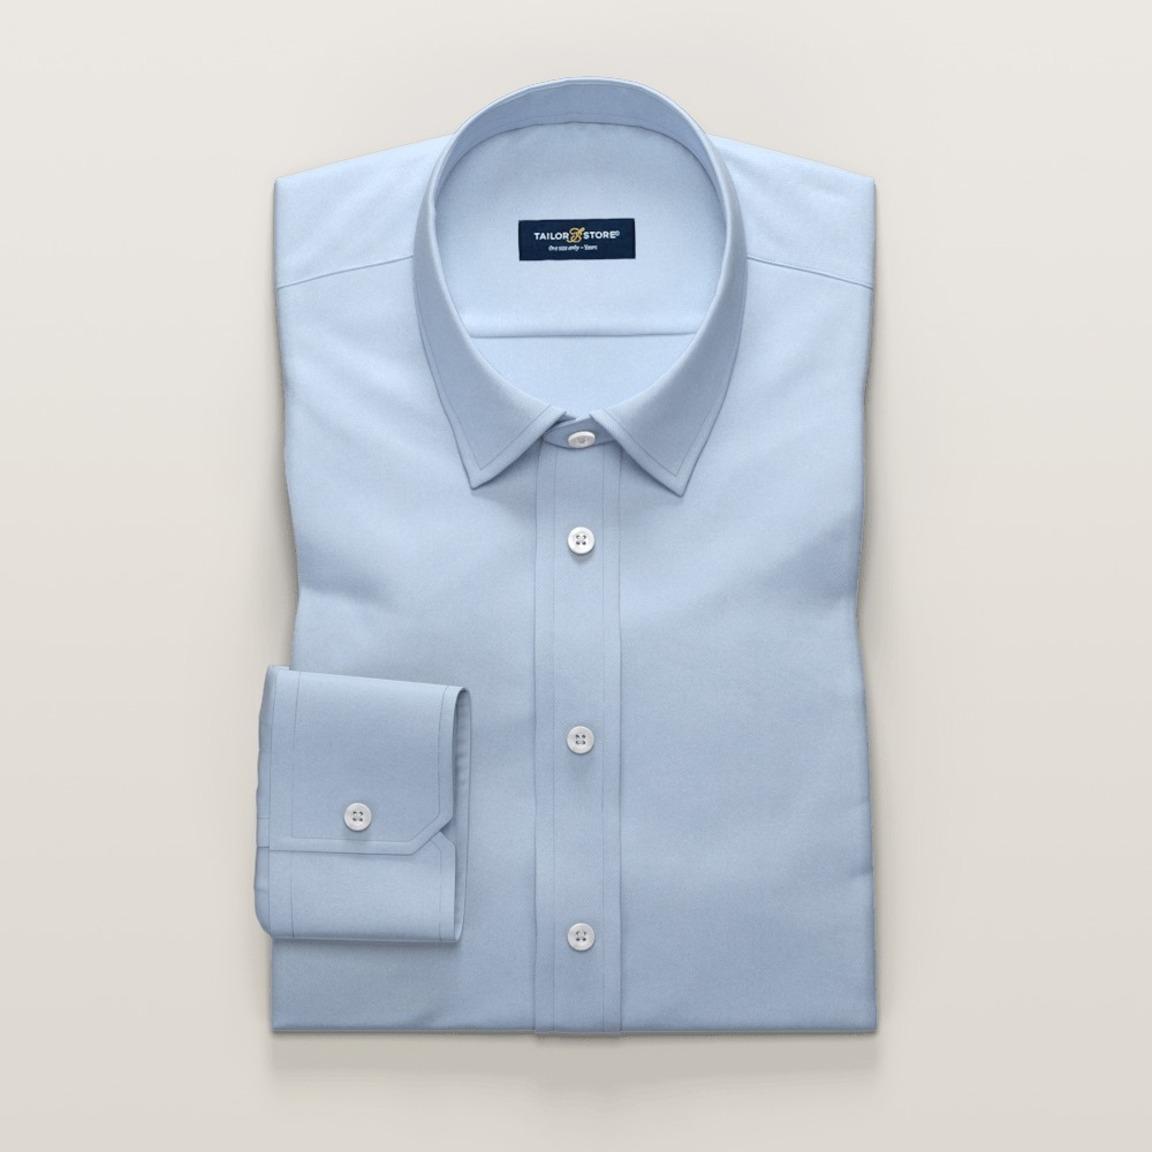 Chemise en bleu clair business pour femmes en twill